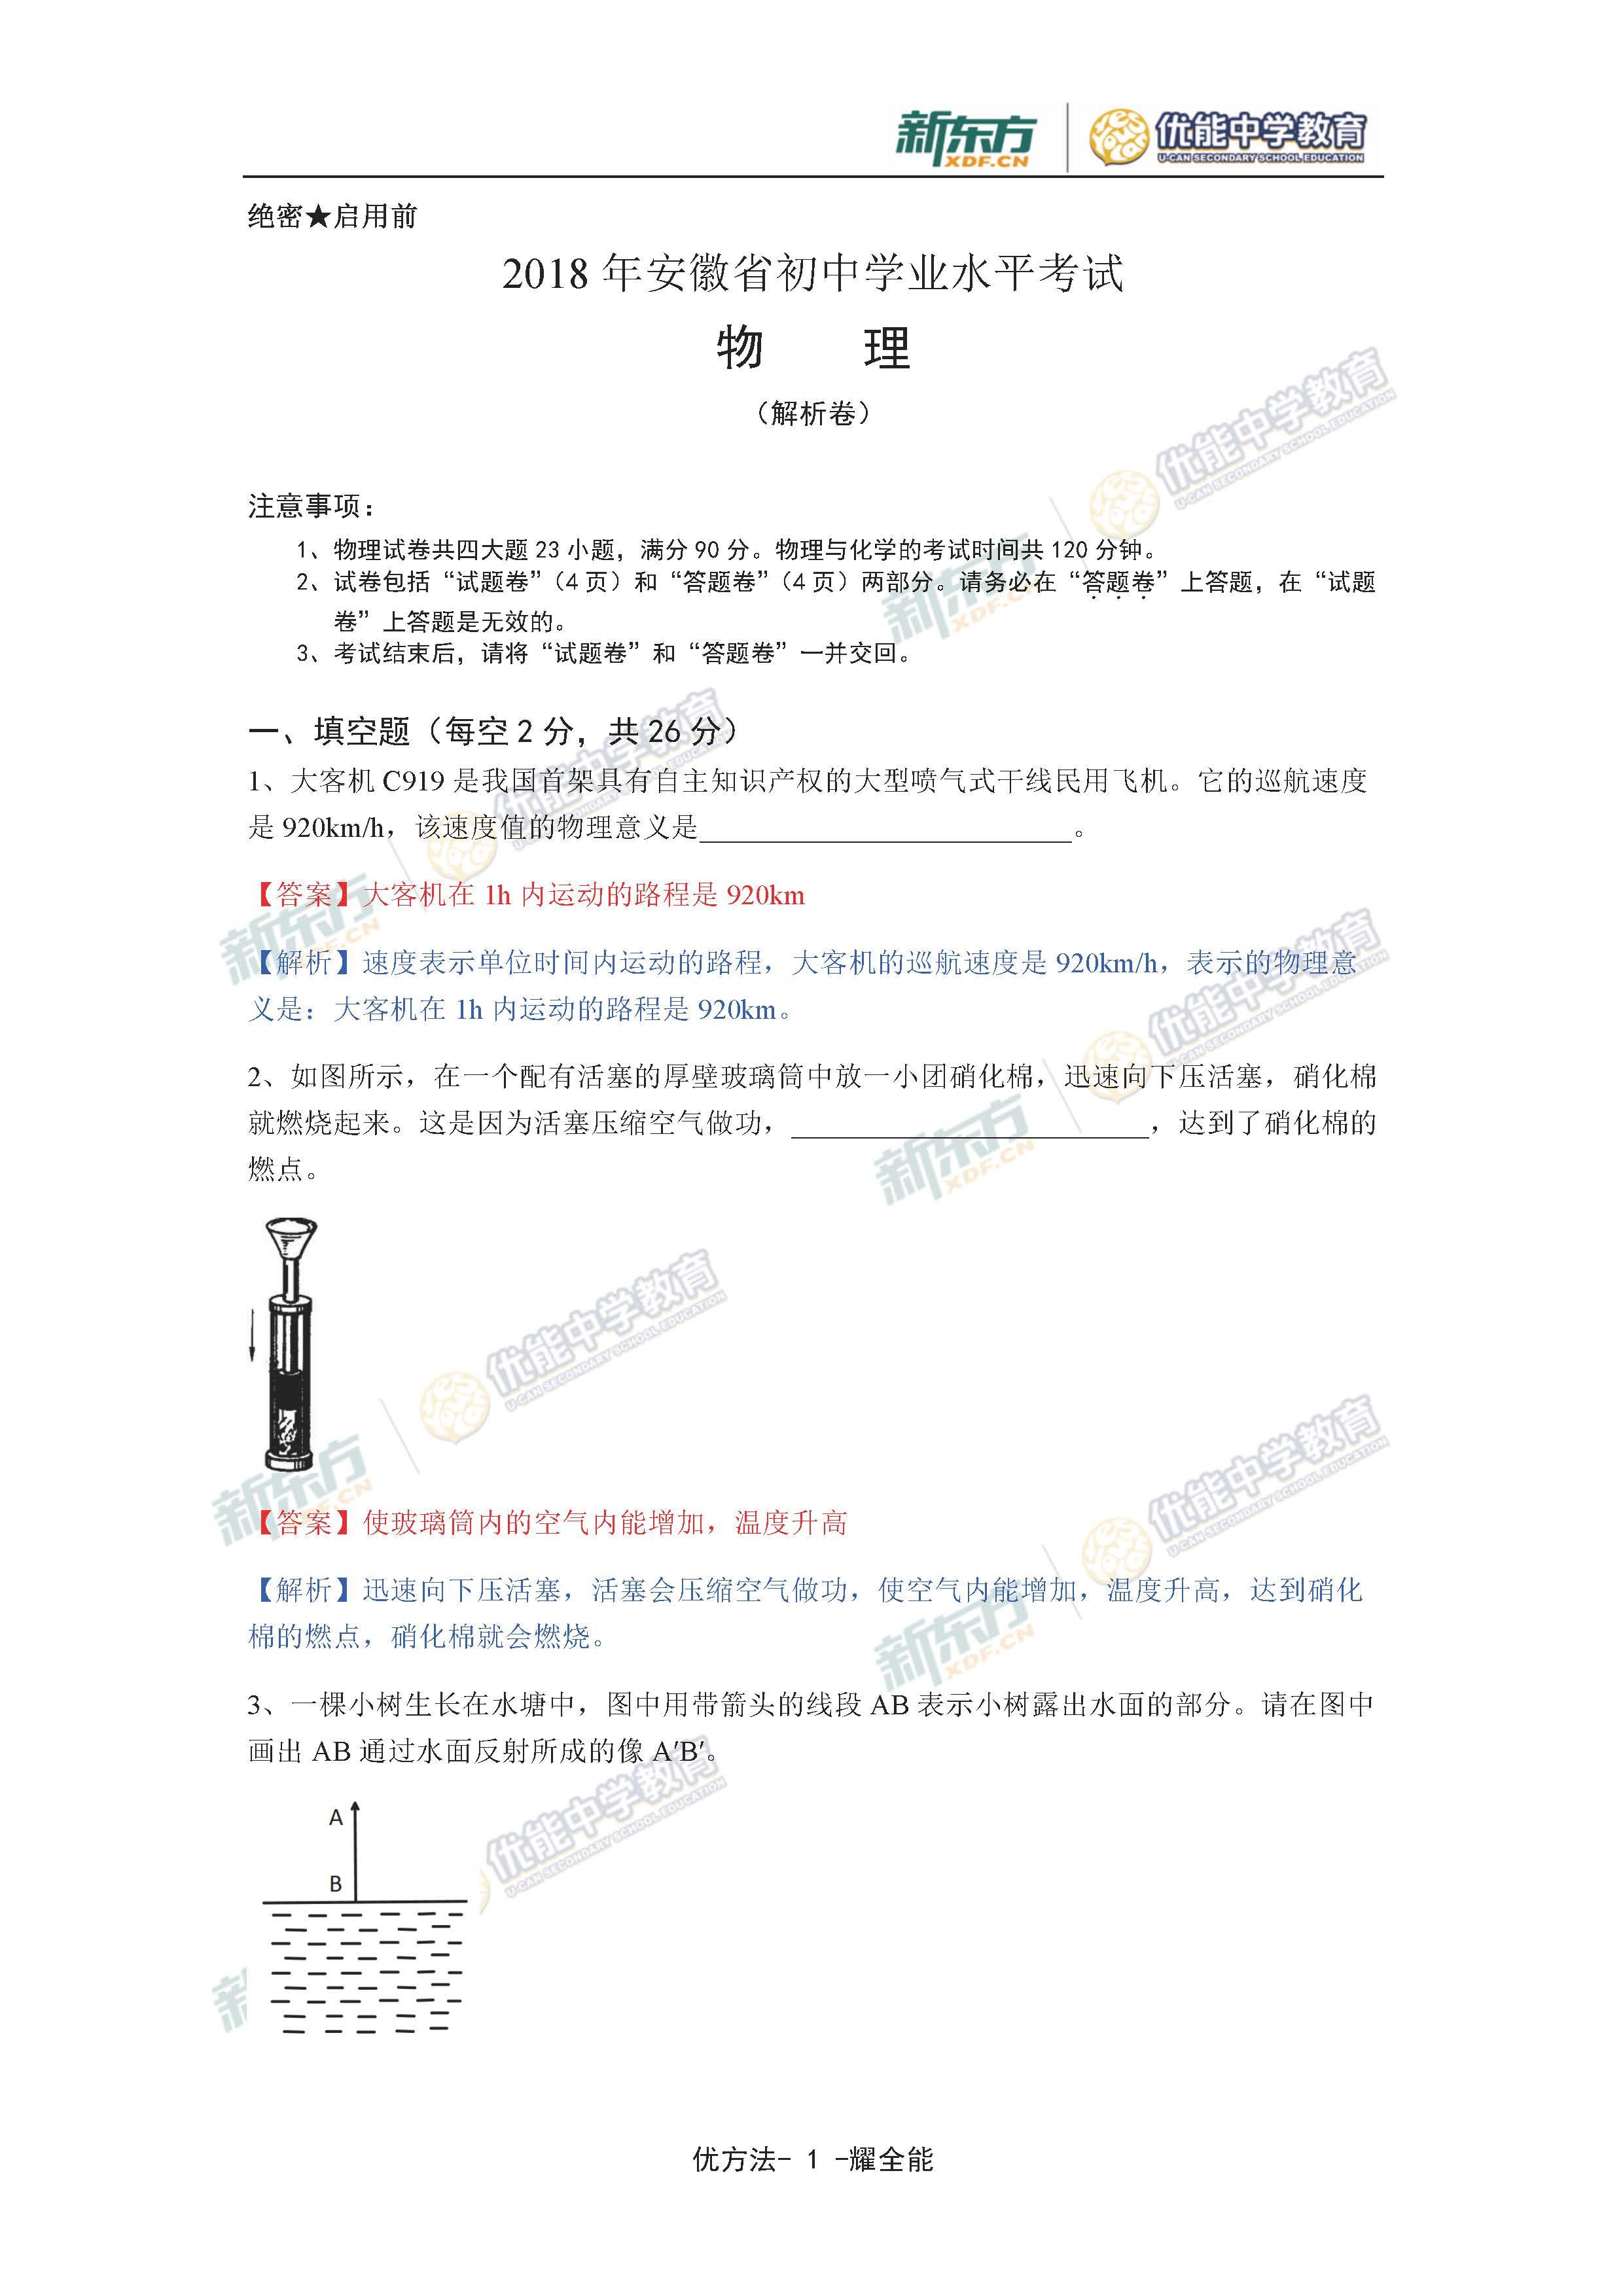 2018安徽中考物理试题答案逐题解析(安徽新东方)